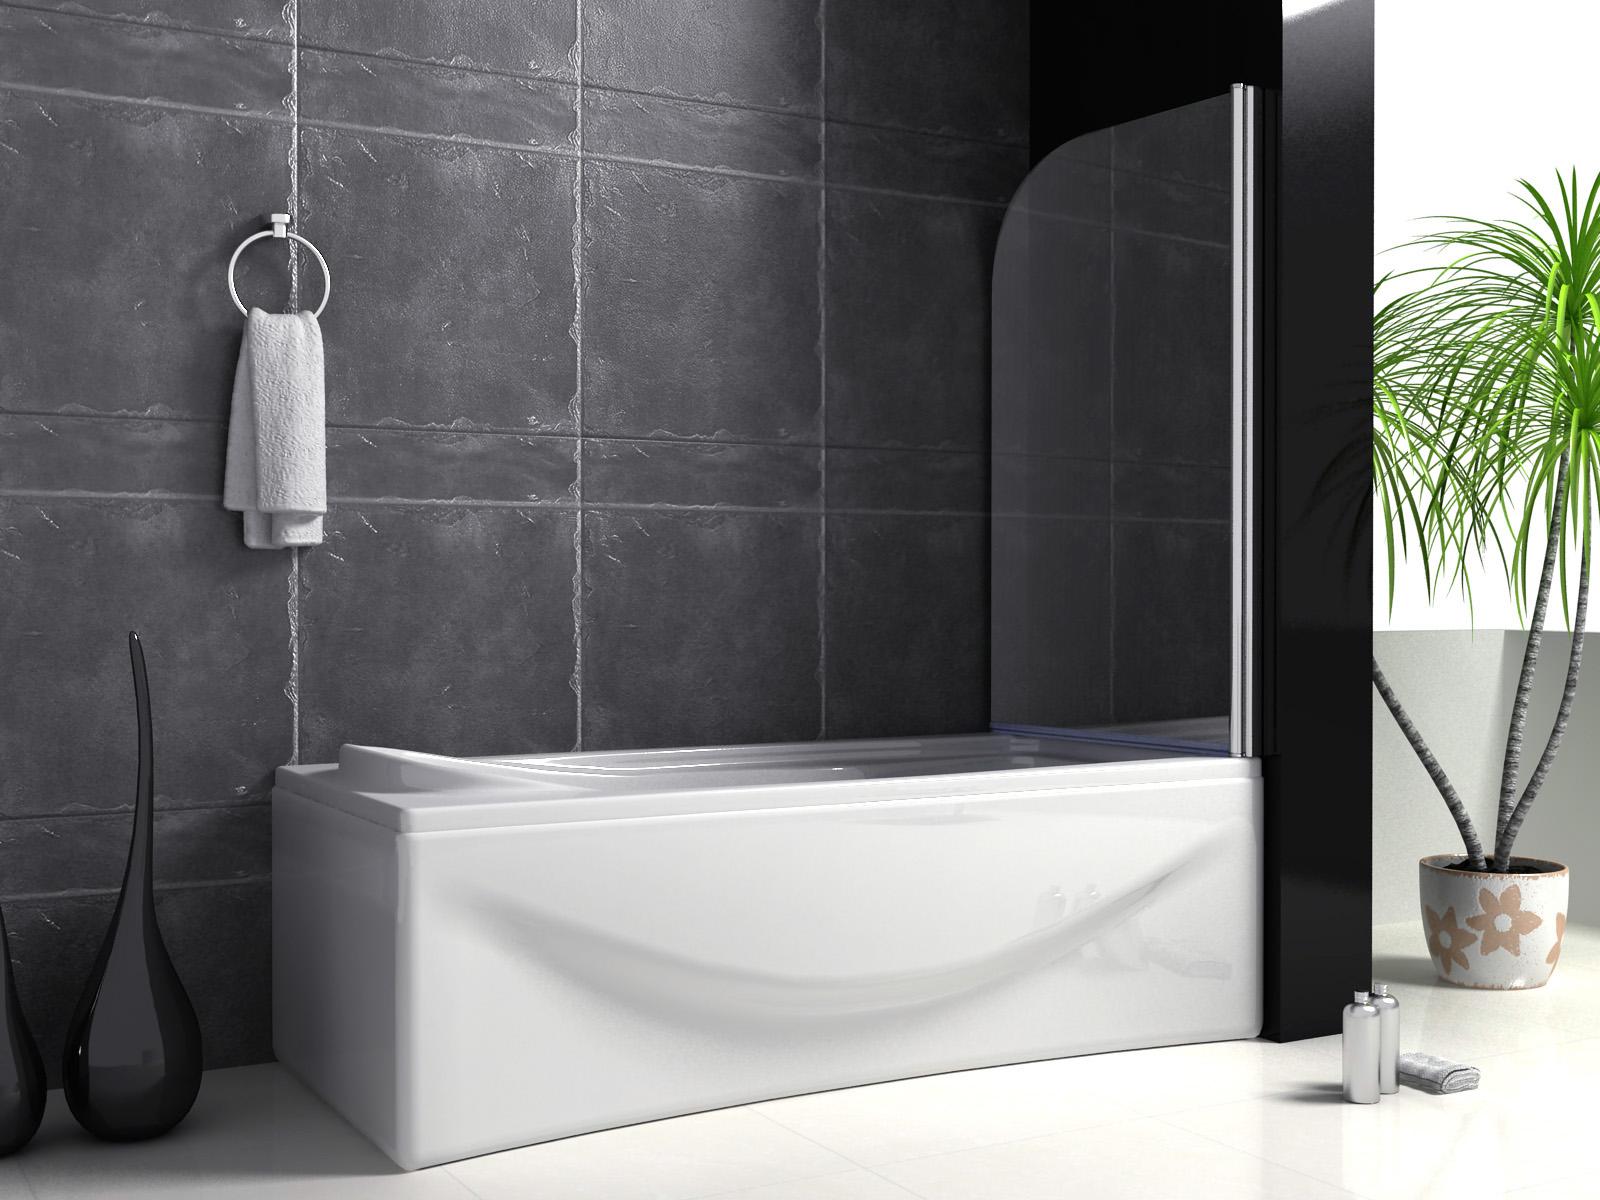 80x140cm badewanne dusche drehen 180 duschwand trennwand duschabtrennung b1. Black Bedroom Furniture Sets. Home Design Ideas